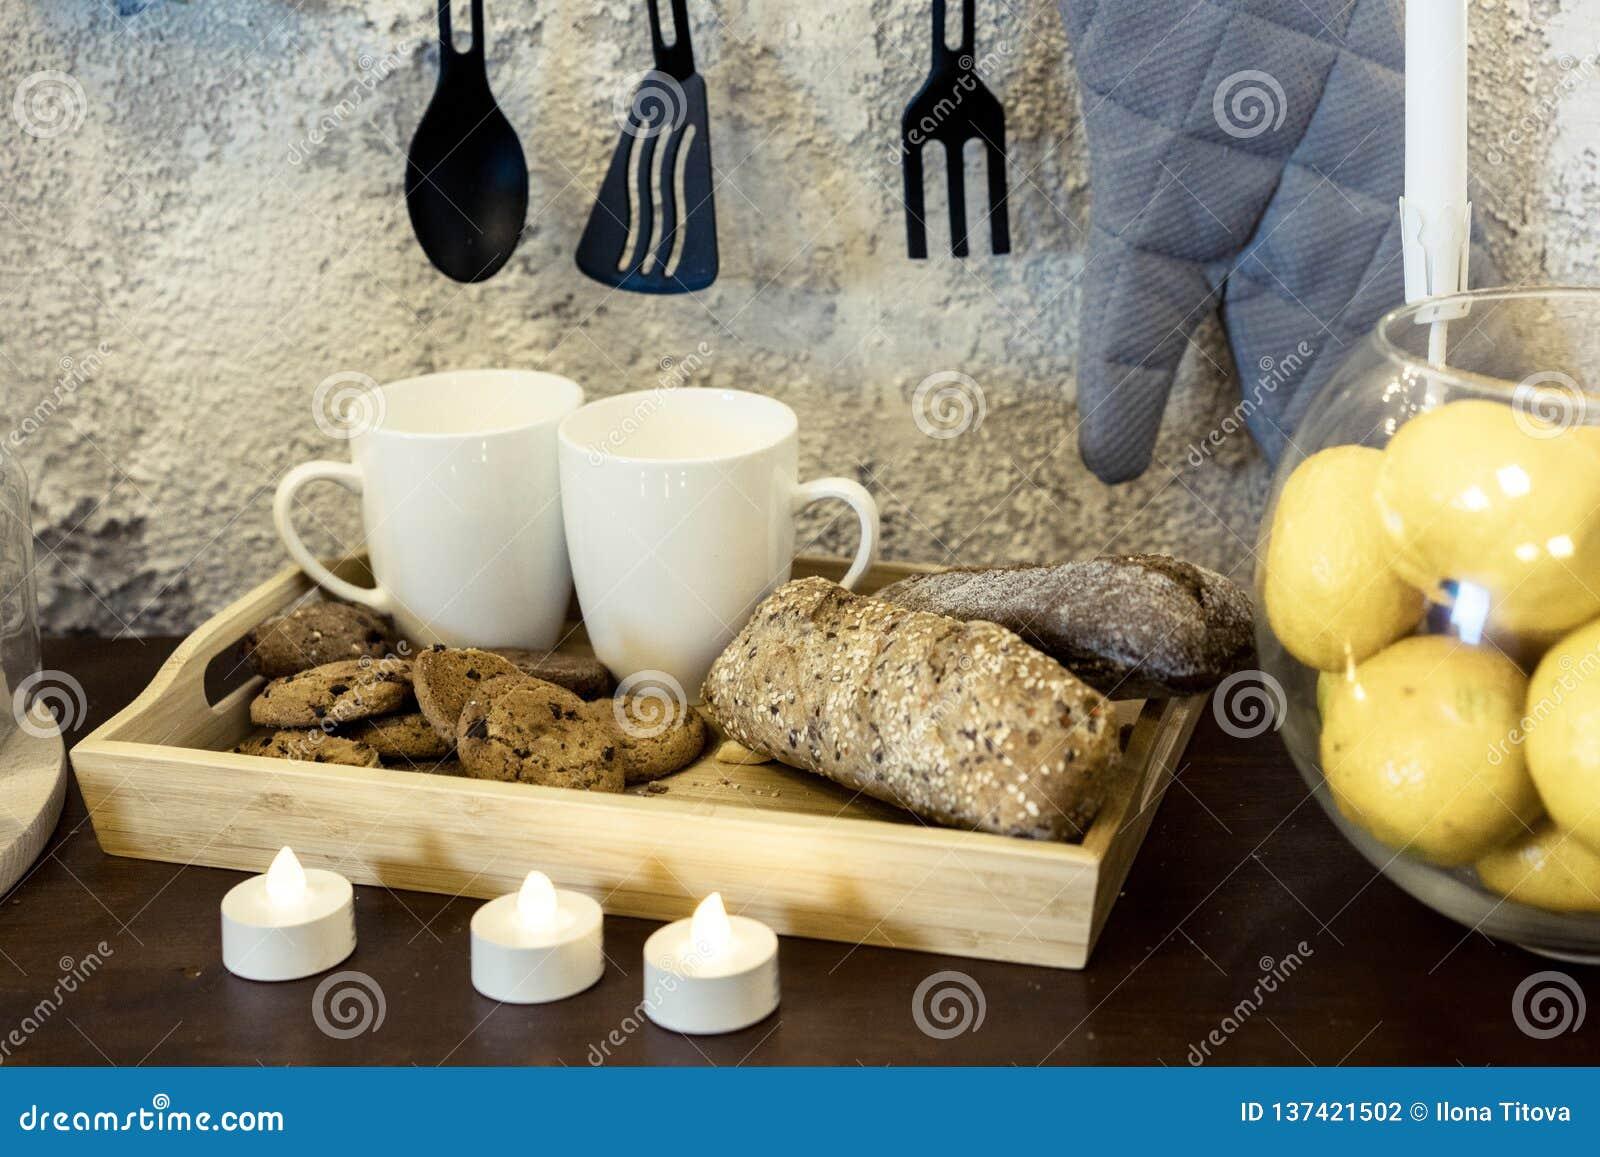 Kitchenware Due tazze di caffè macchiato su una tavola davanti ad un muro di cemento Le tazze sono in un vassoio con pane Candele